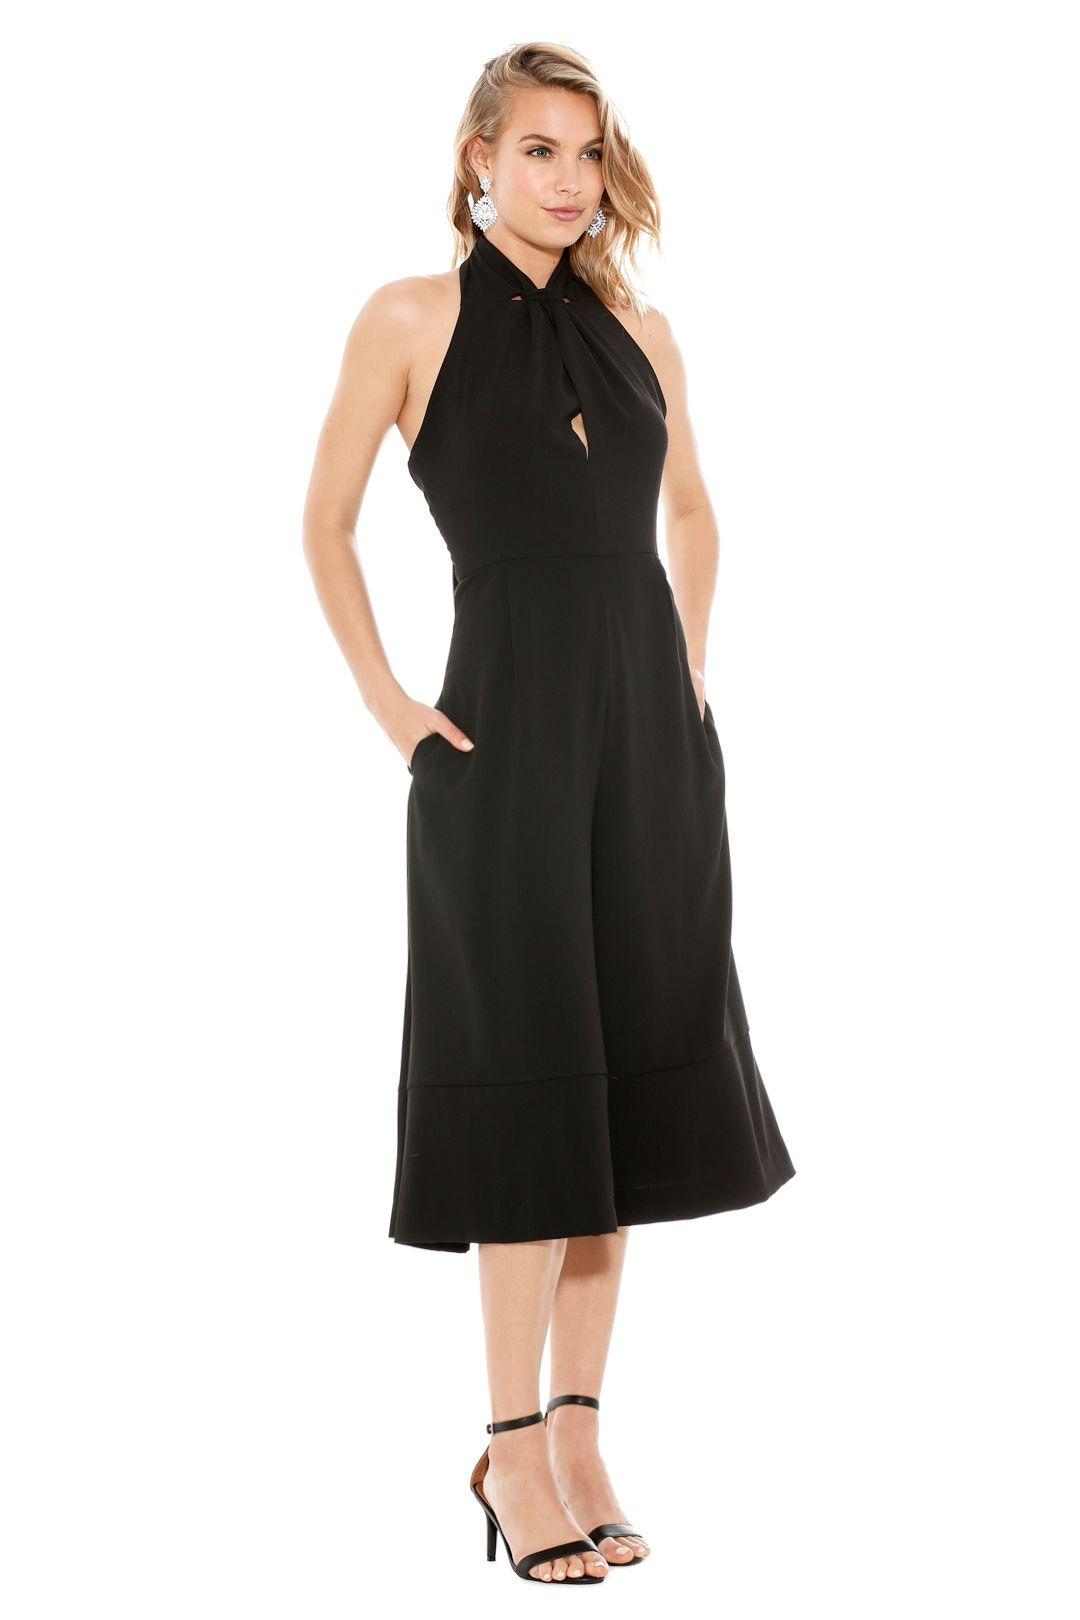 Crepe Halter Split Jumpsuit - Black - Side